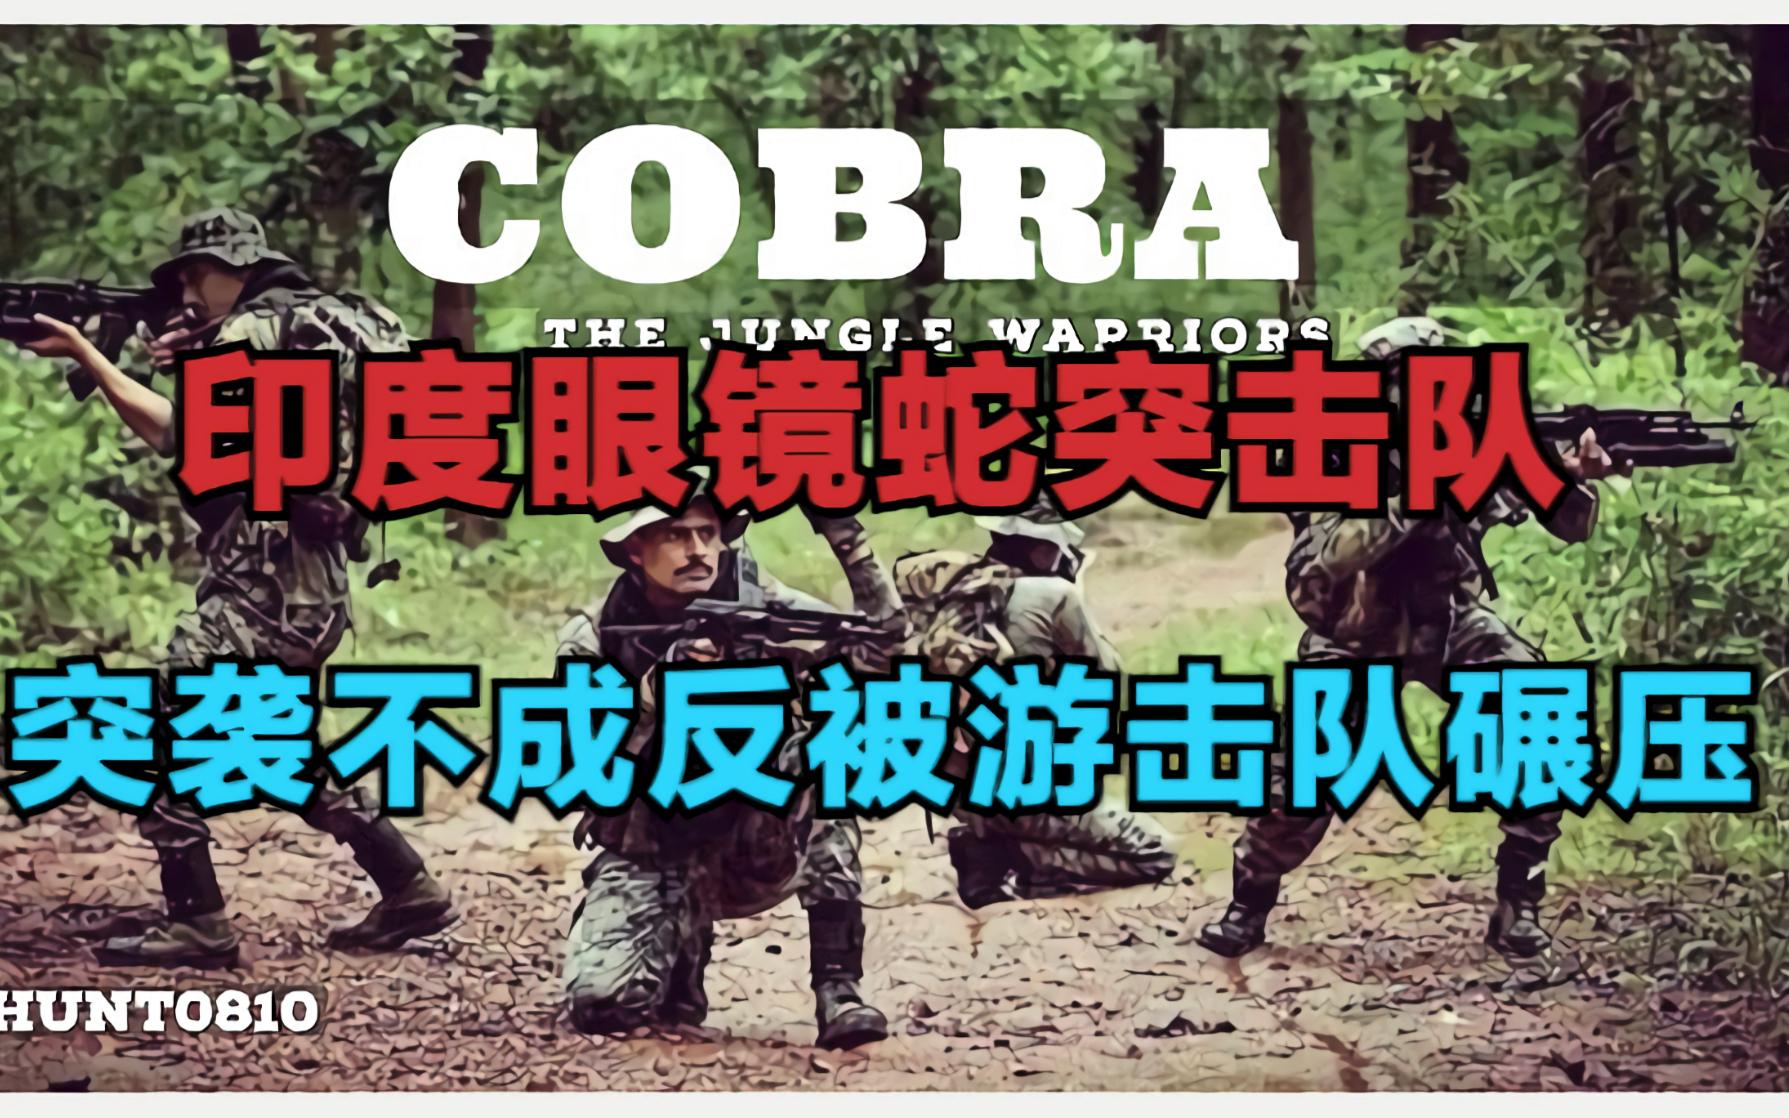 印度眼镜蛇突击队 被游击队打的落荒而逃的精英战力 【特种部队】